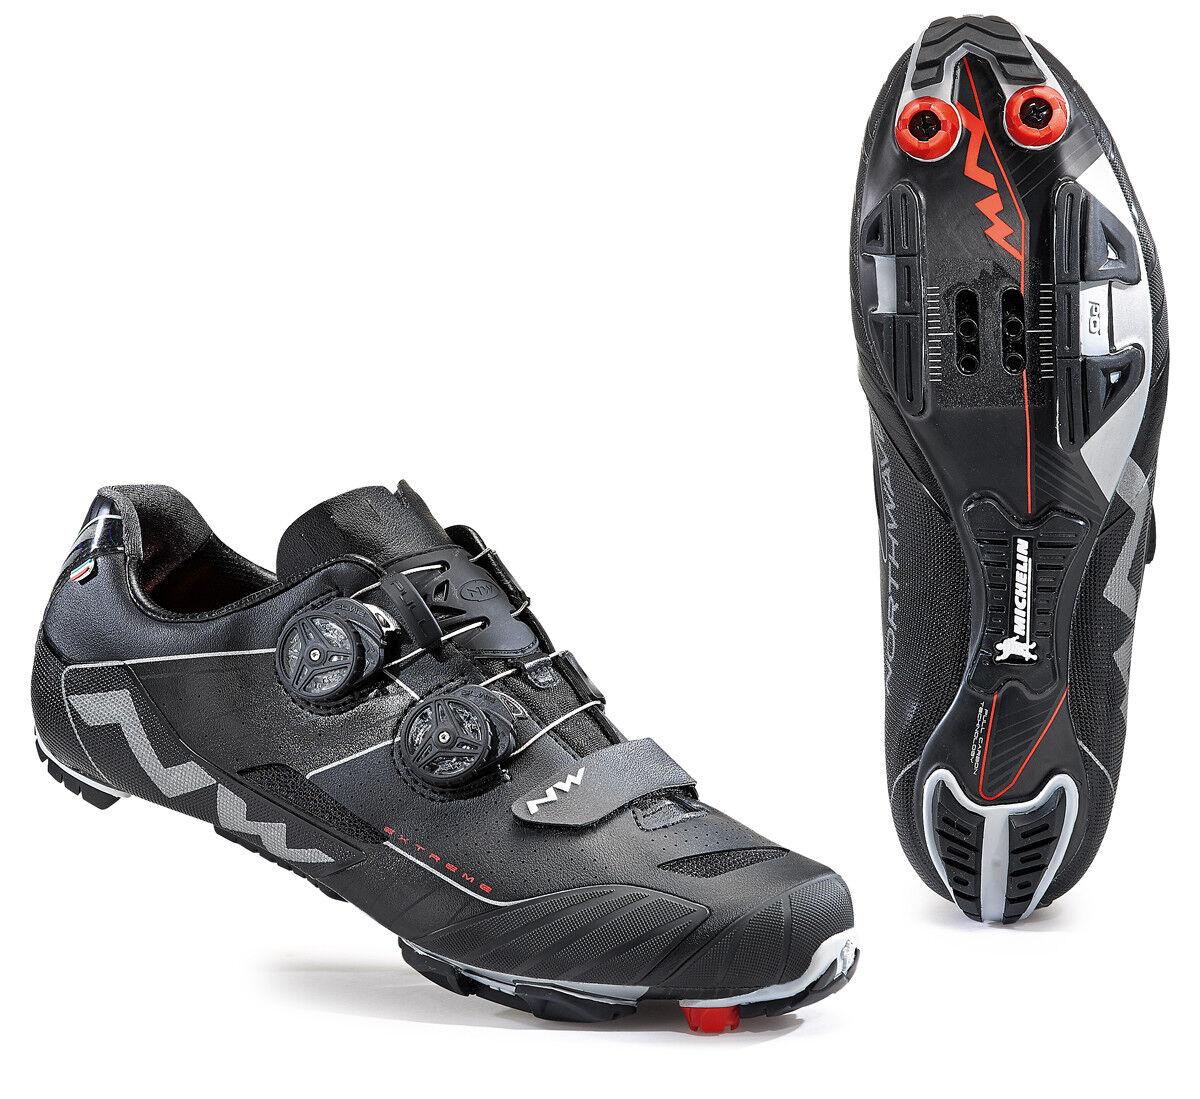 Northwave Extreme XC Wide MTB bicicleta zapatos negro 2018